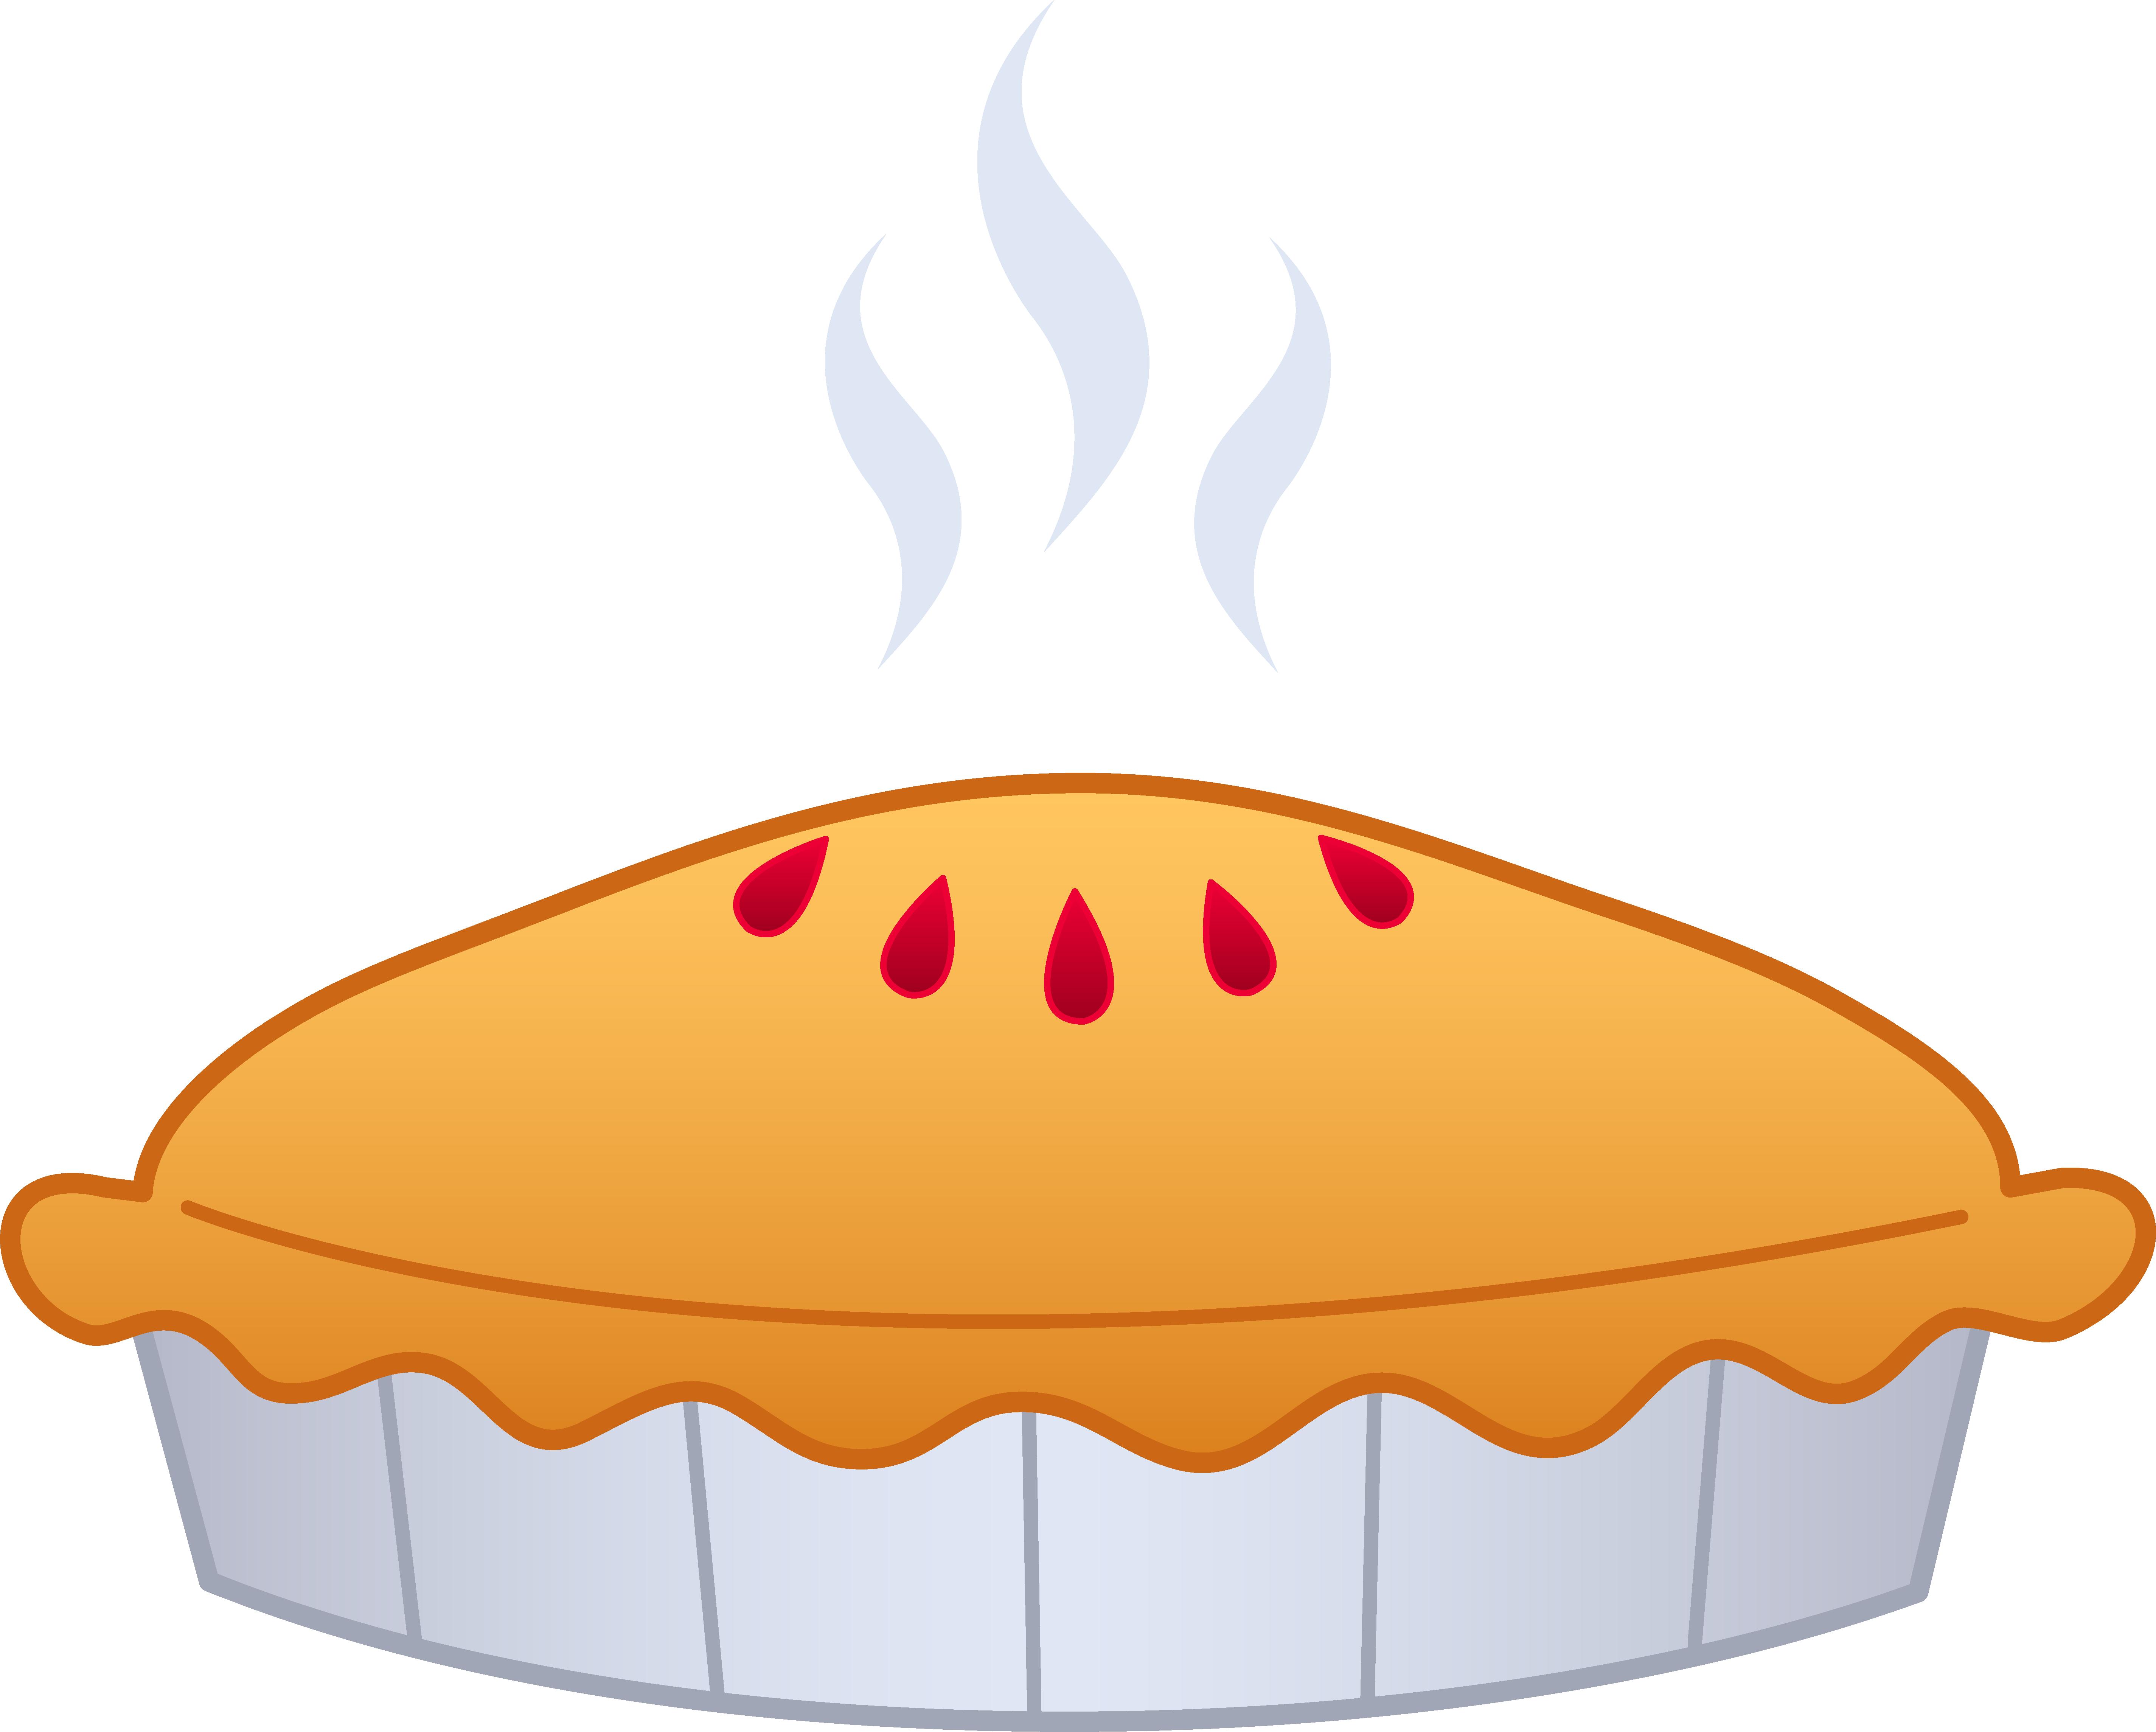 Delicious Pie Clip Art.